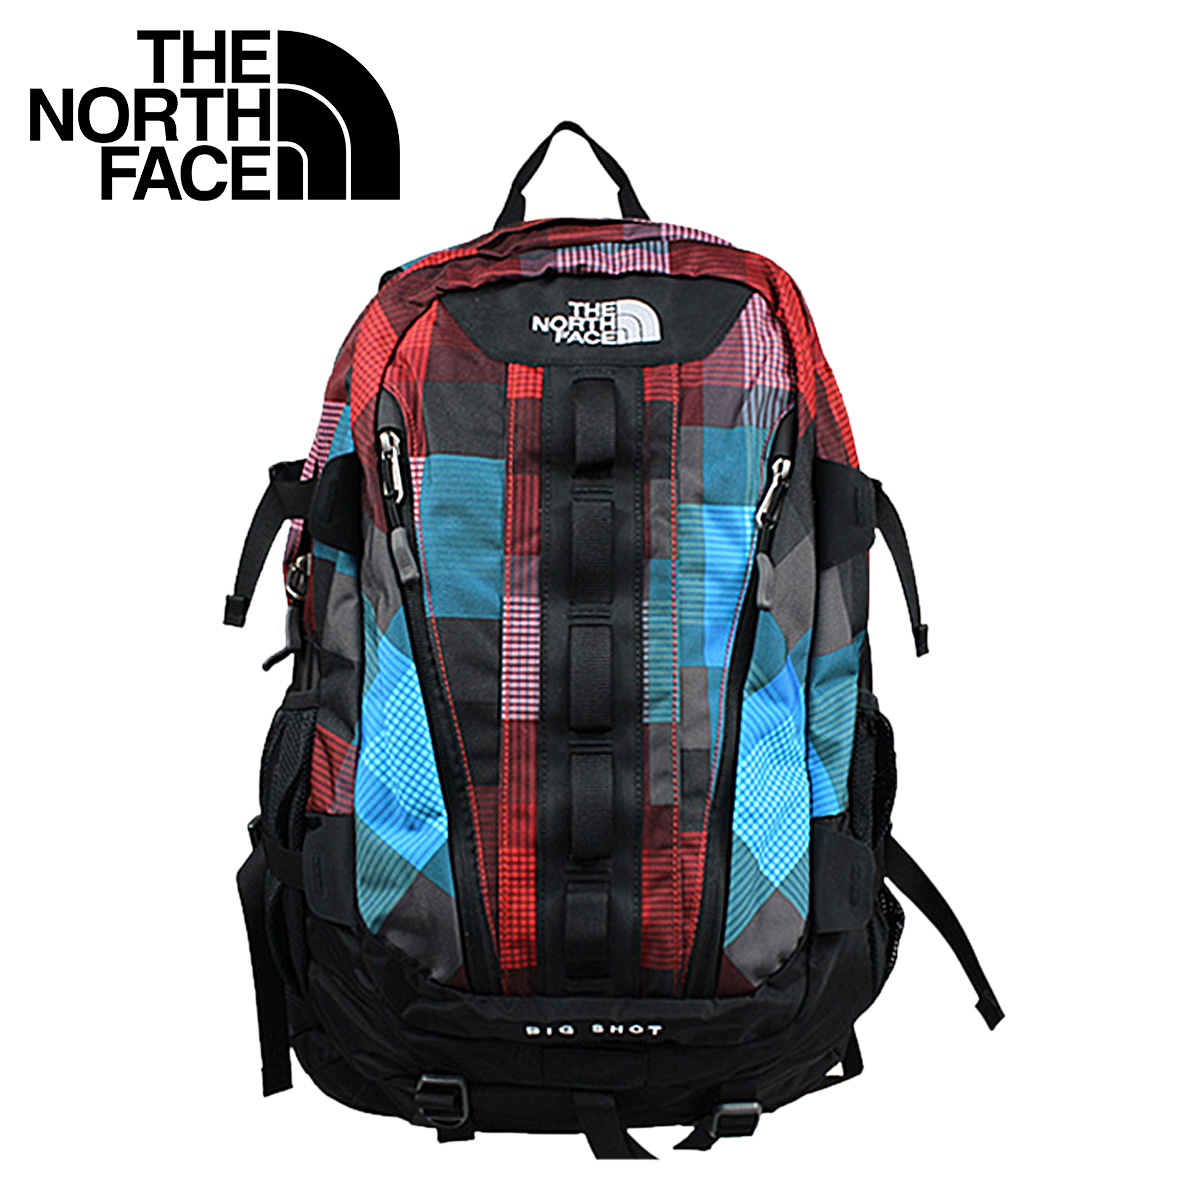 [卖出] 北面对北脸背包背囊 [童话红,大人物背包男装 AJUZ